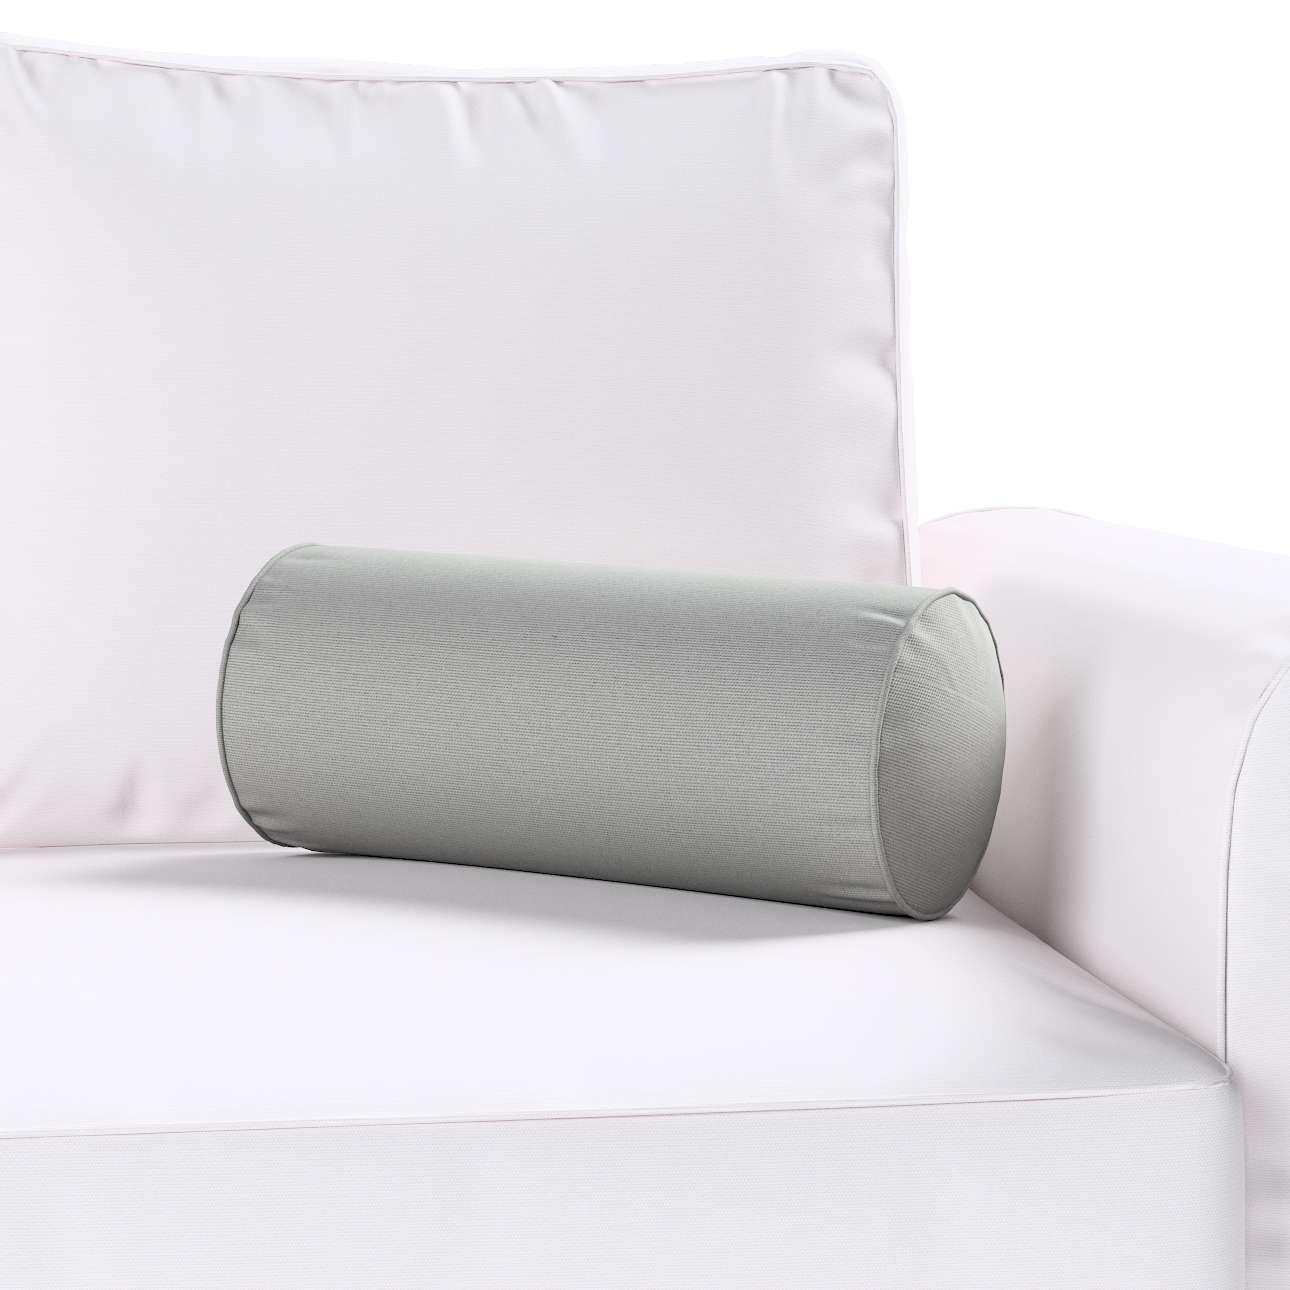 Poduszka wałek prosty Ø16x40cm w kolekcji Loneta, tkanina: 133-24